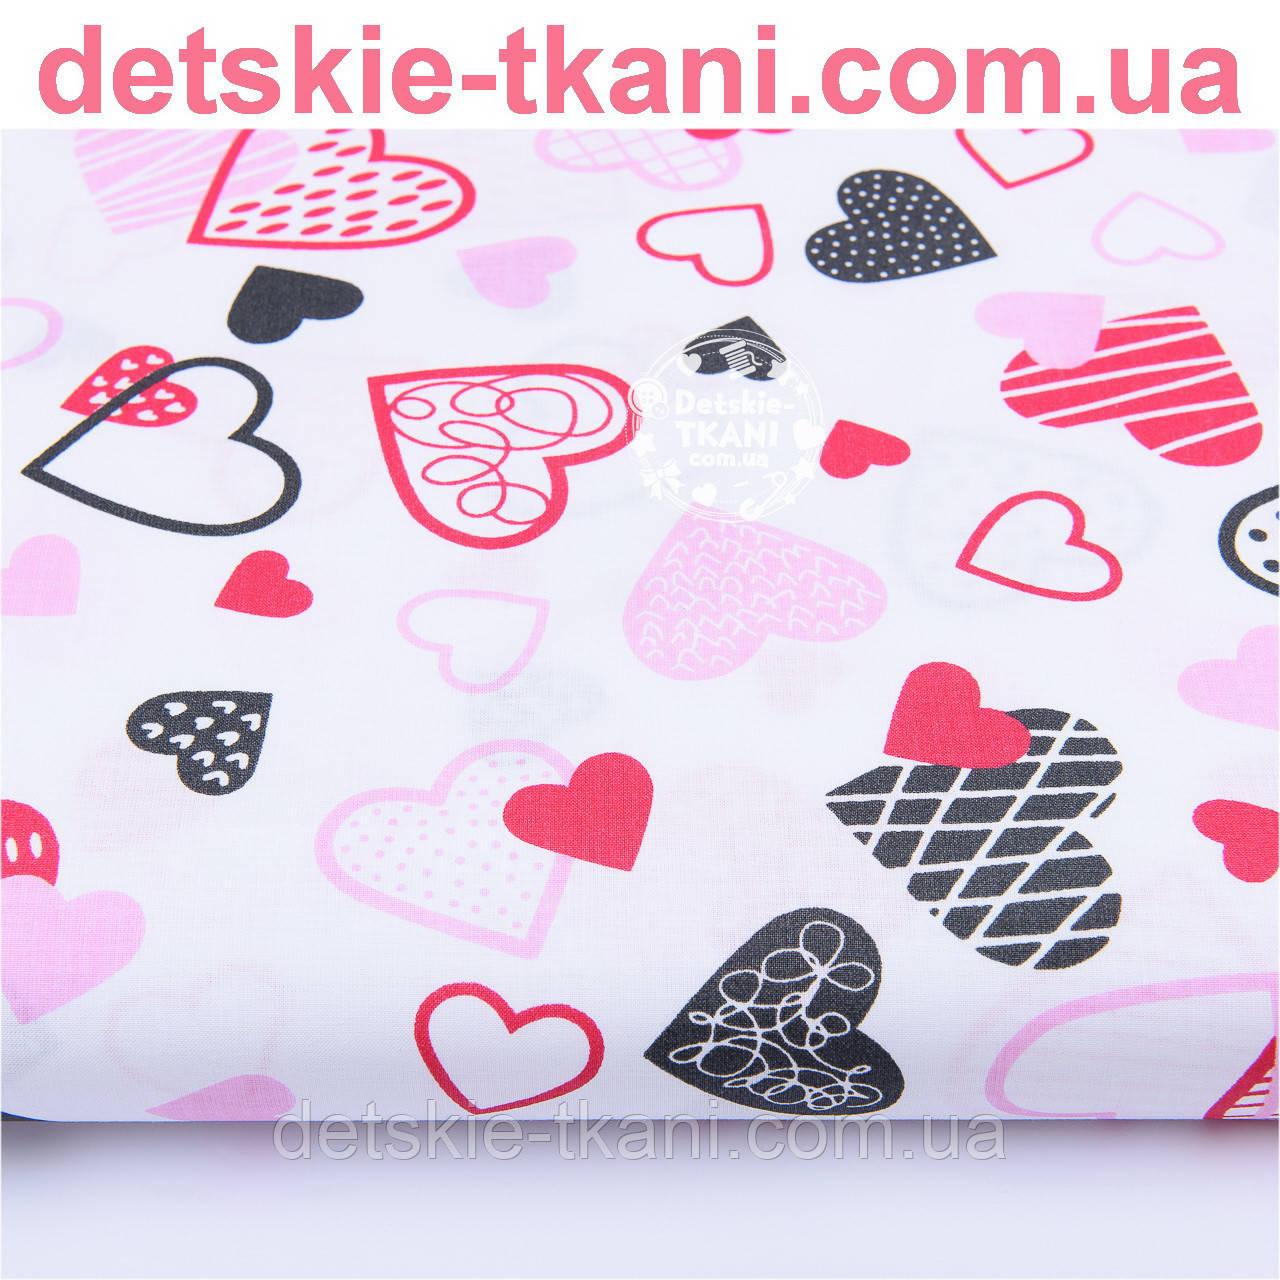 """Отрез ткани """"Красные, розовые и чёрные сердца с узорами  на белом фоне"""", №1162 размер 65*160"""